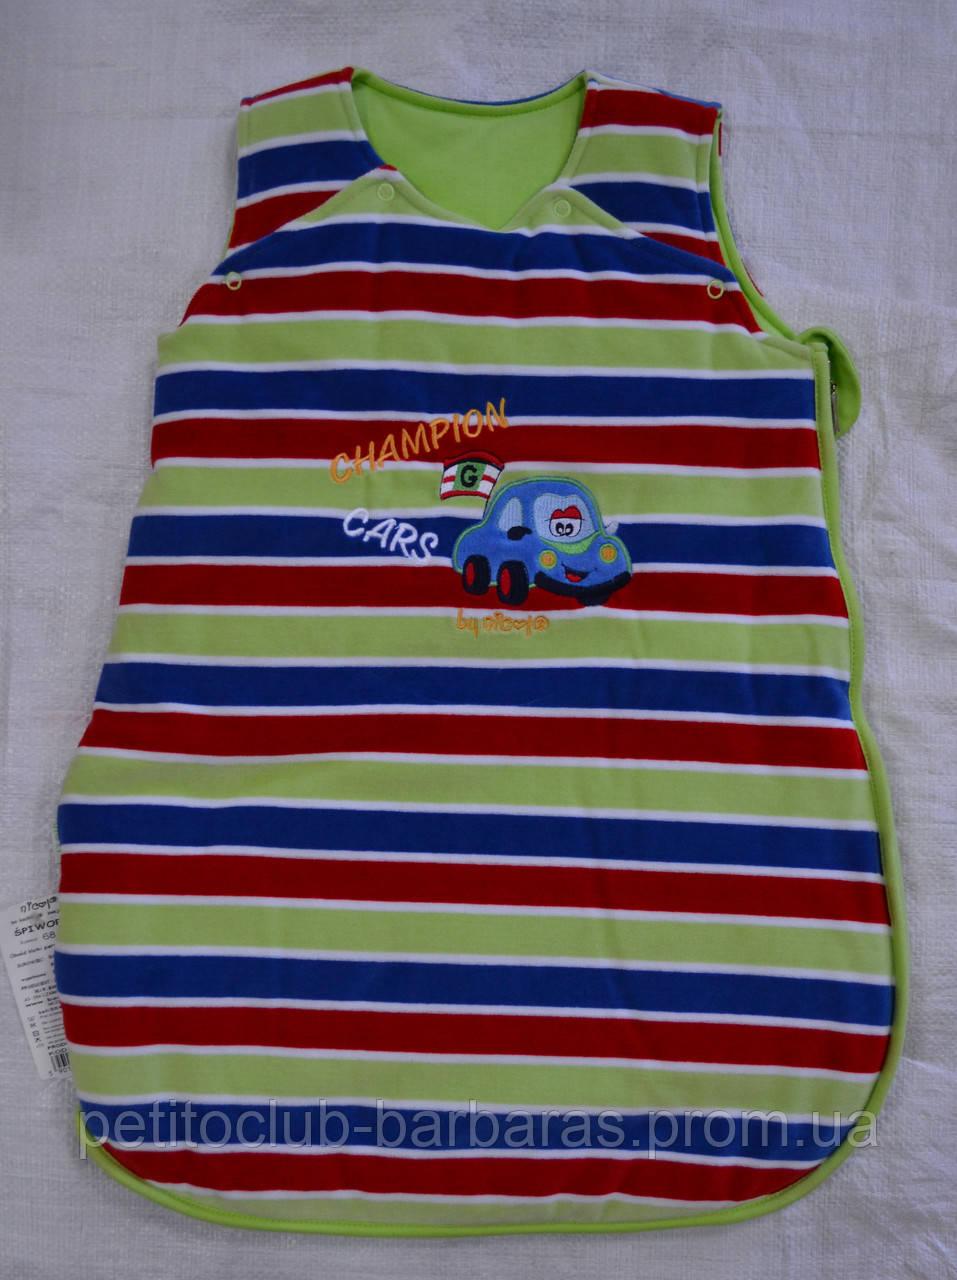 Спальный мешок Champion Cars для мальчика (Nicol, Польша)